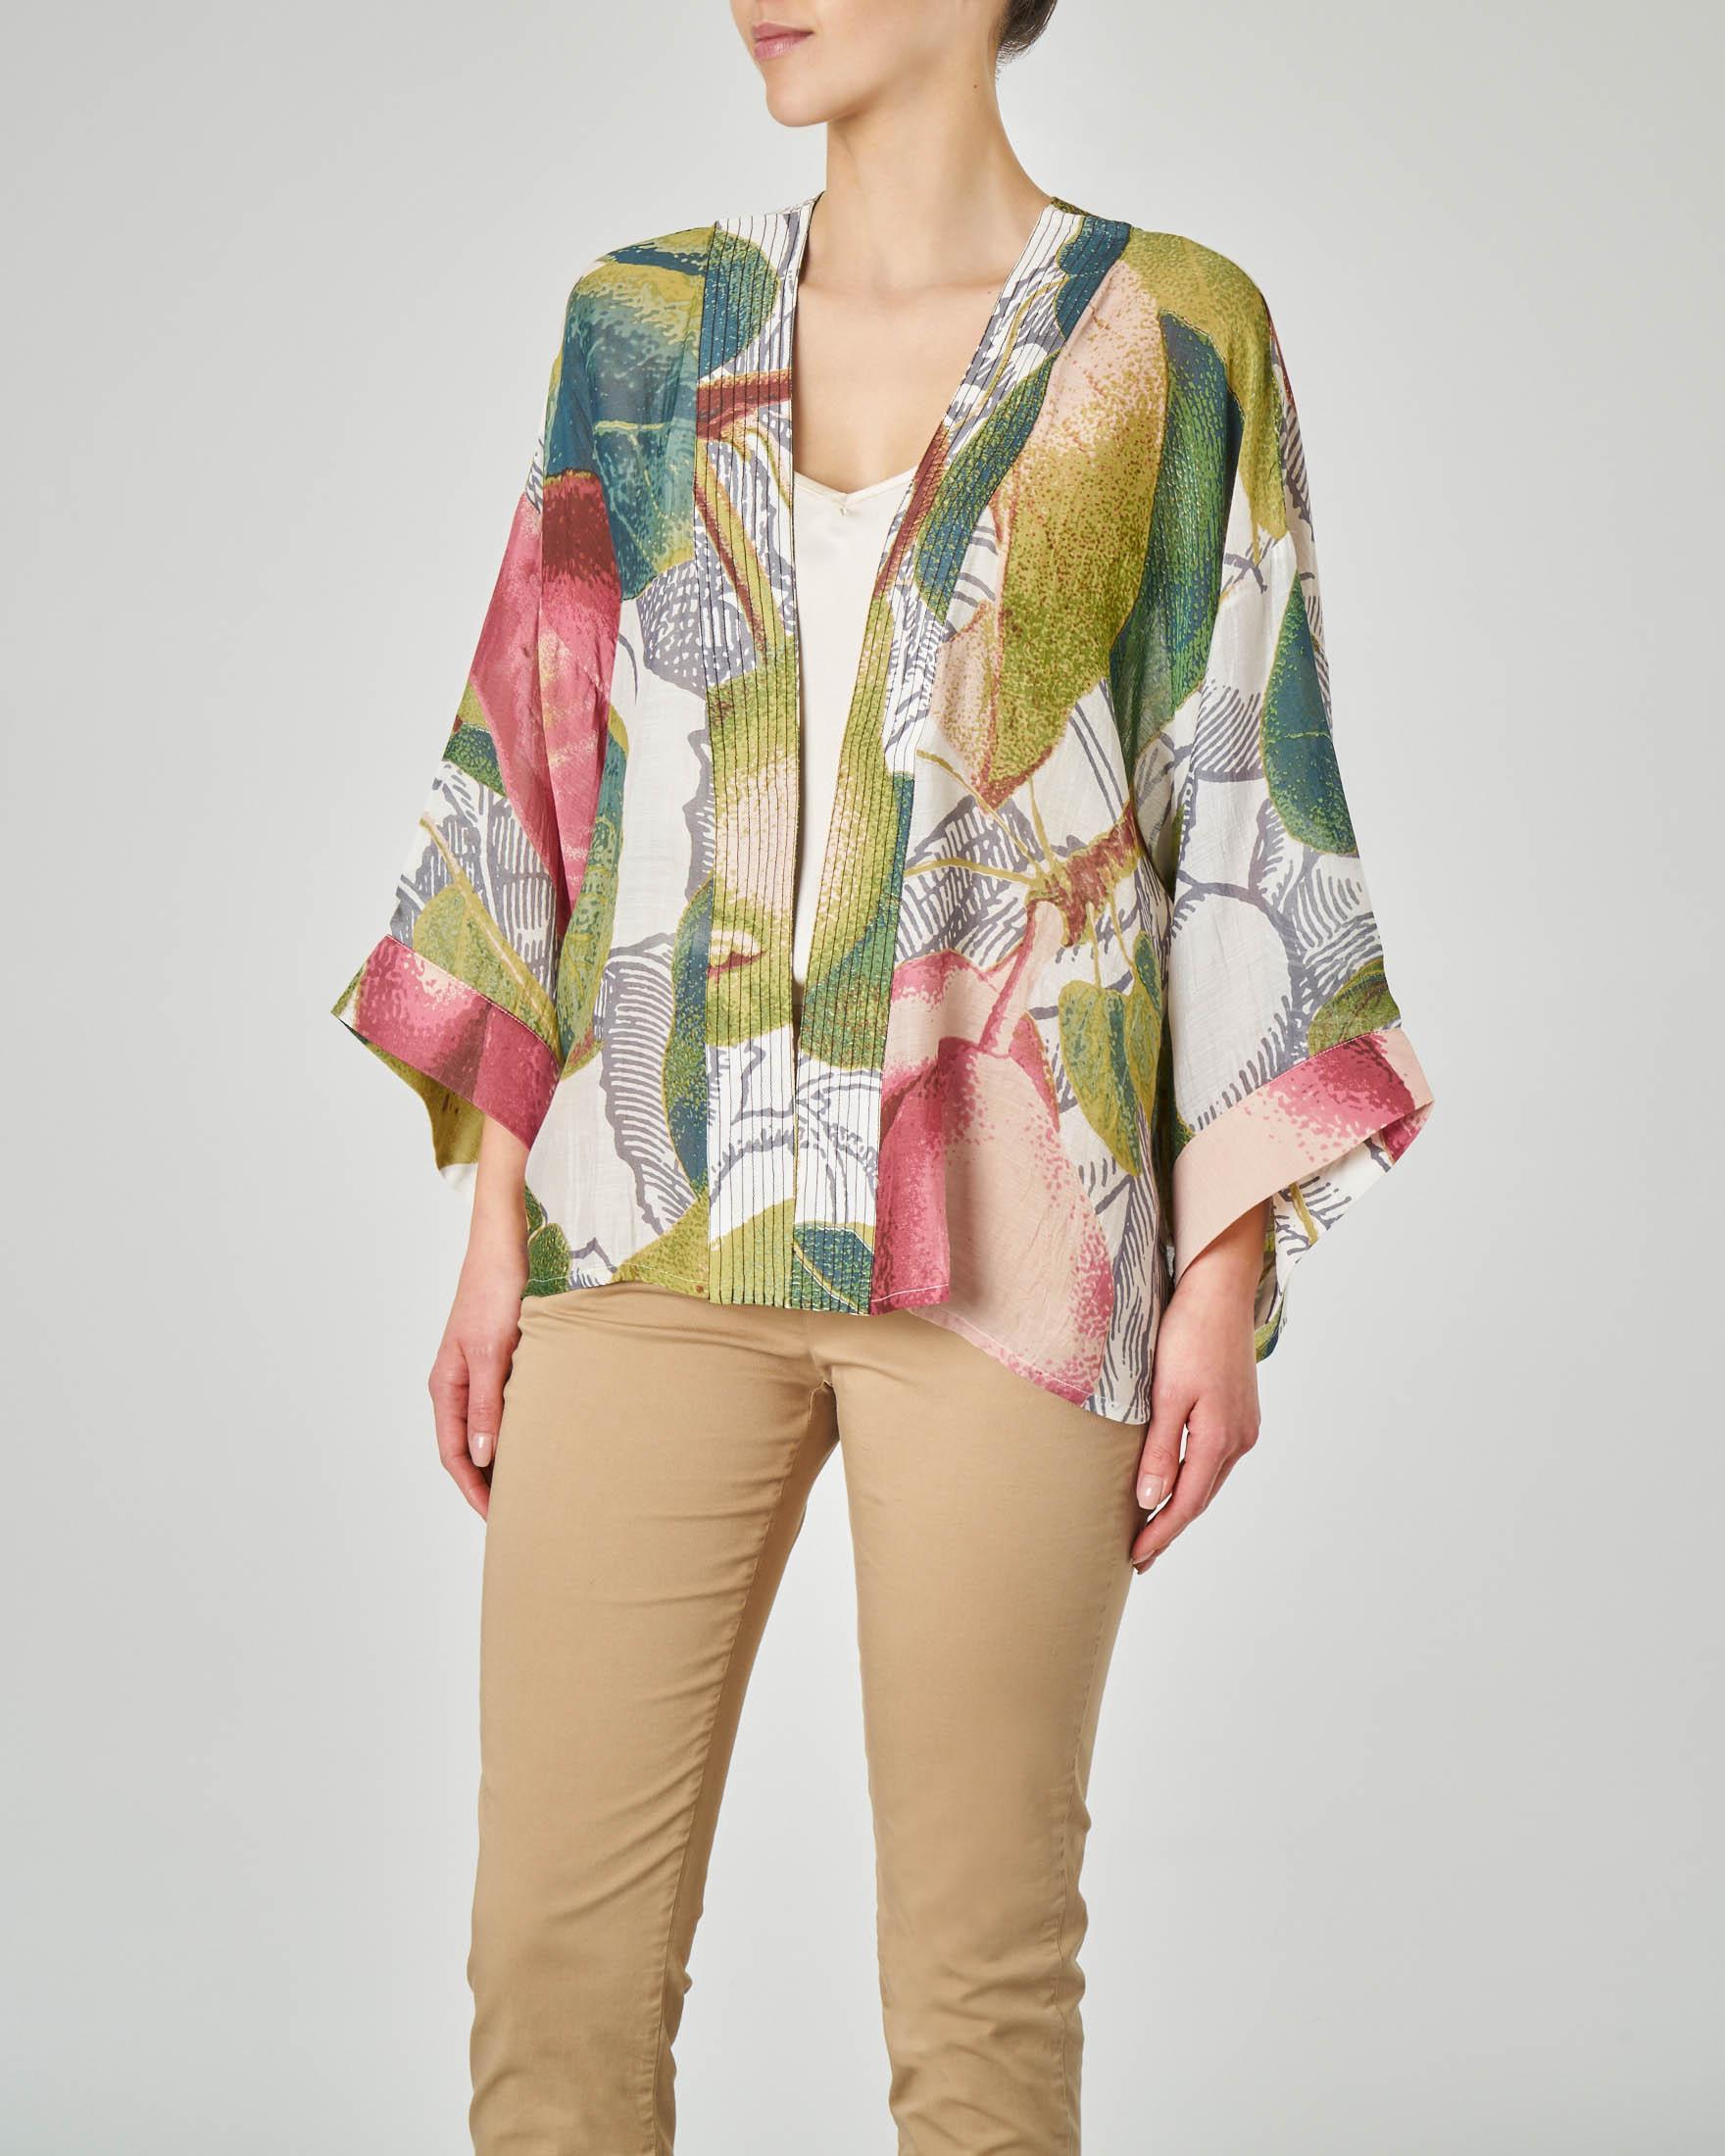 Kimono corto in viscosa misto modal color crema con stampa motivo pere e mele